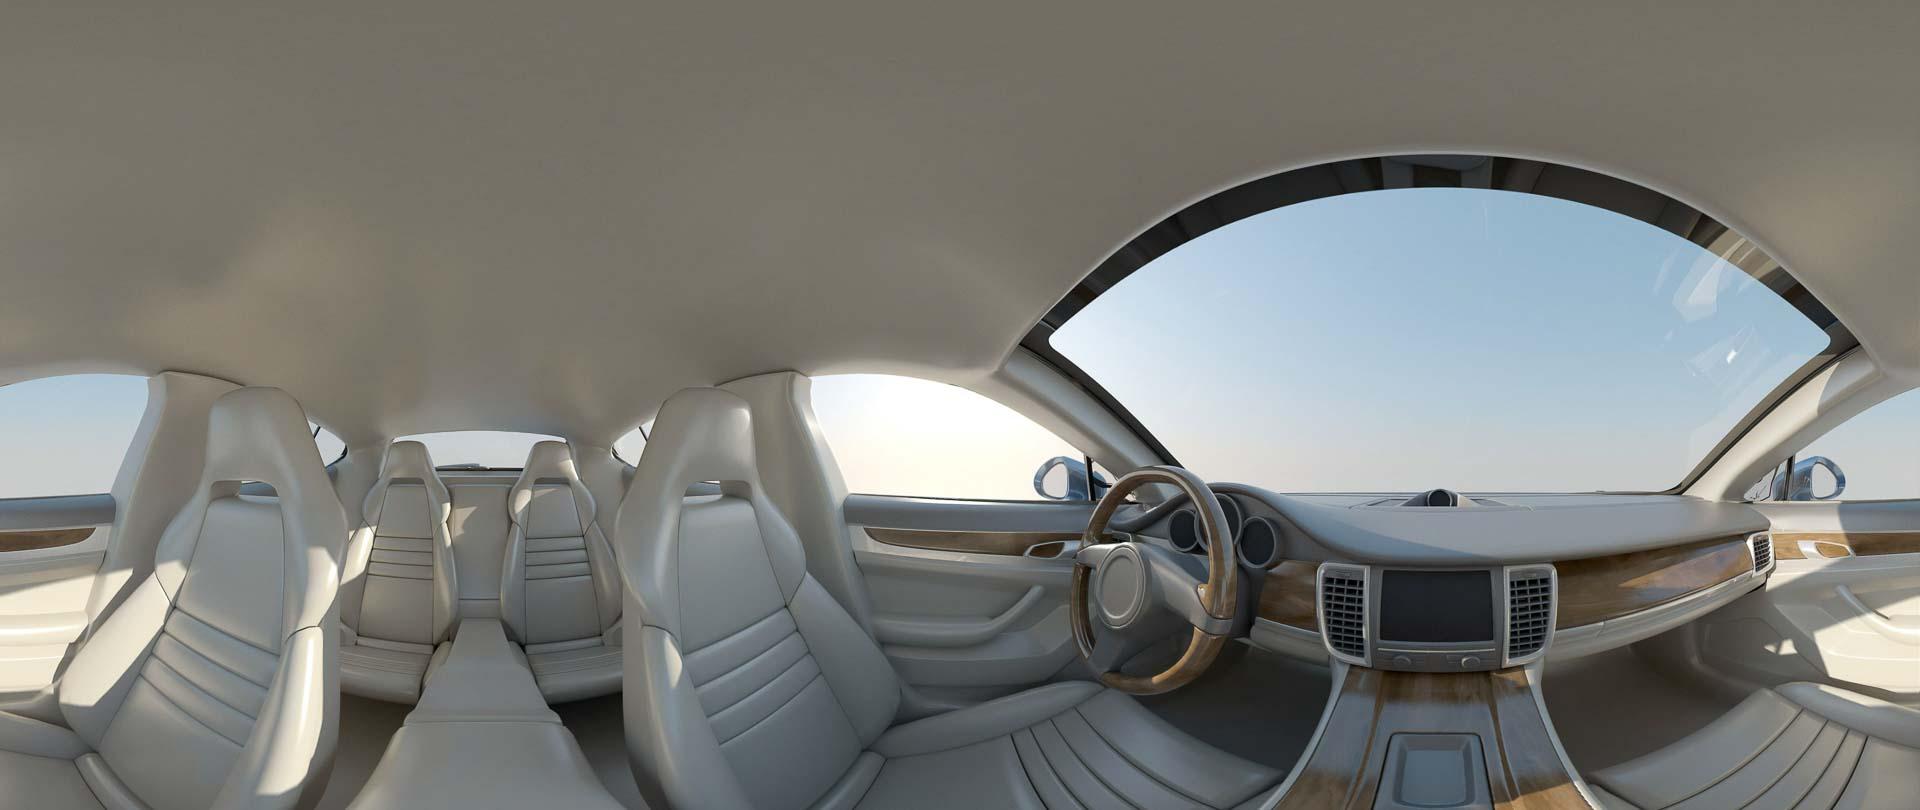 virtual tour 360 foto panoramiche interni auto barca veicolo